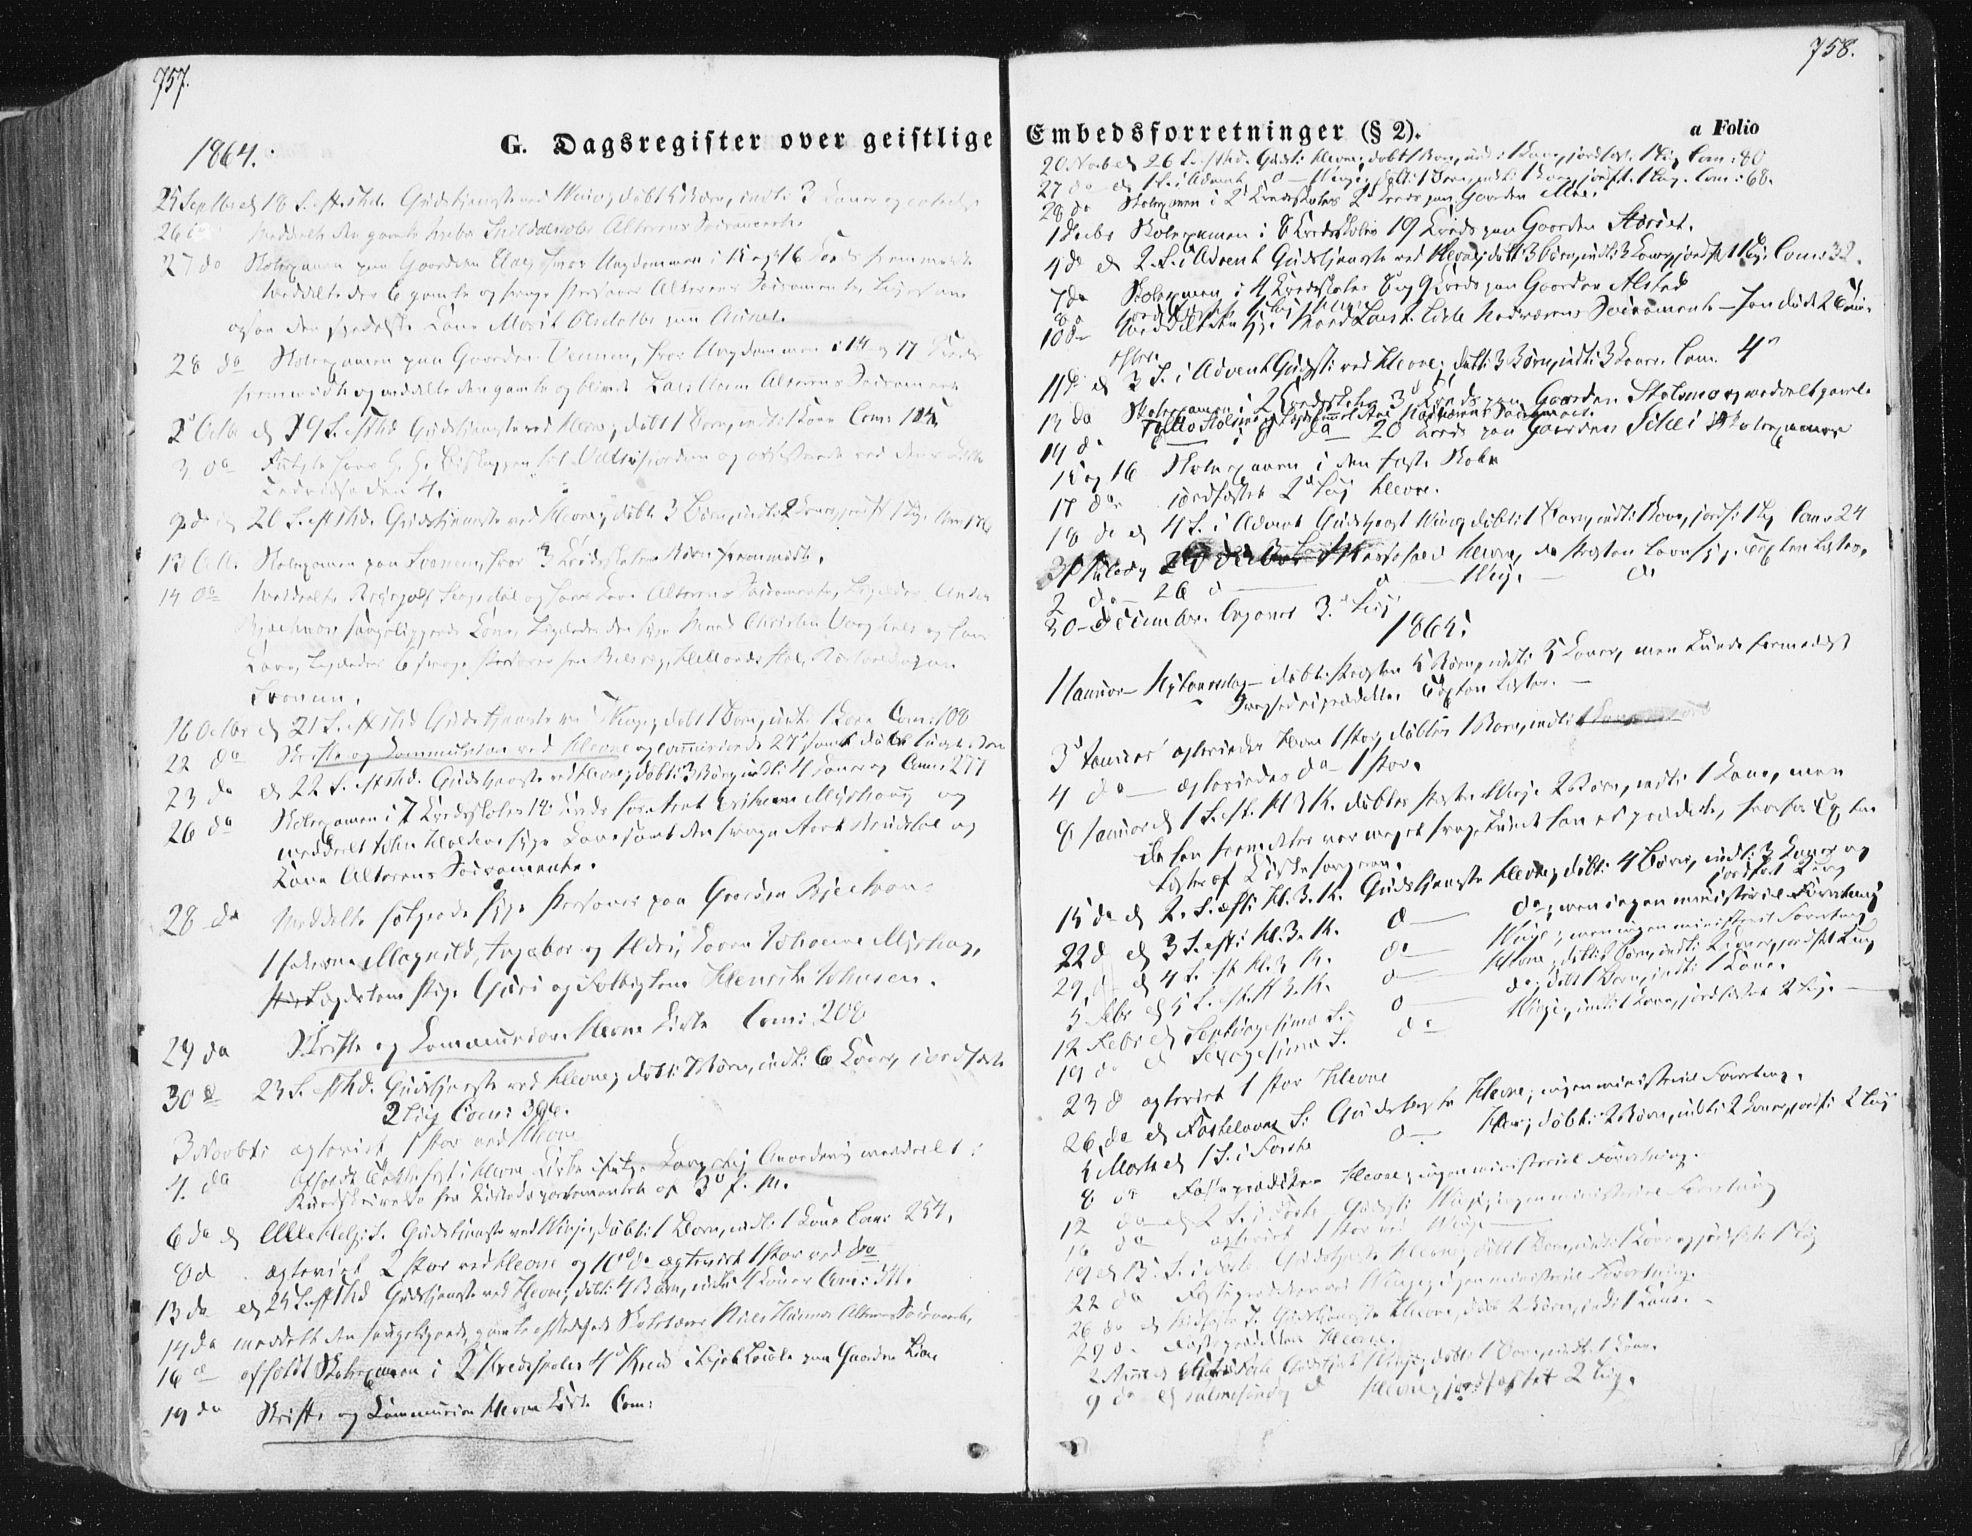 SAT, Ministerialprotokoller, klokkerbøker og fødselsregistre - Sør-Trøndelag, 630/L0494: Ministerialbok nr. 630A07, 1852-1868, s. 757-758